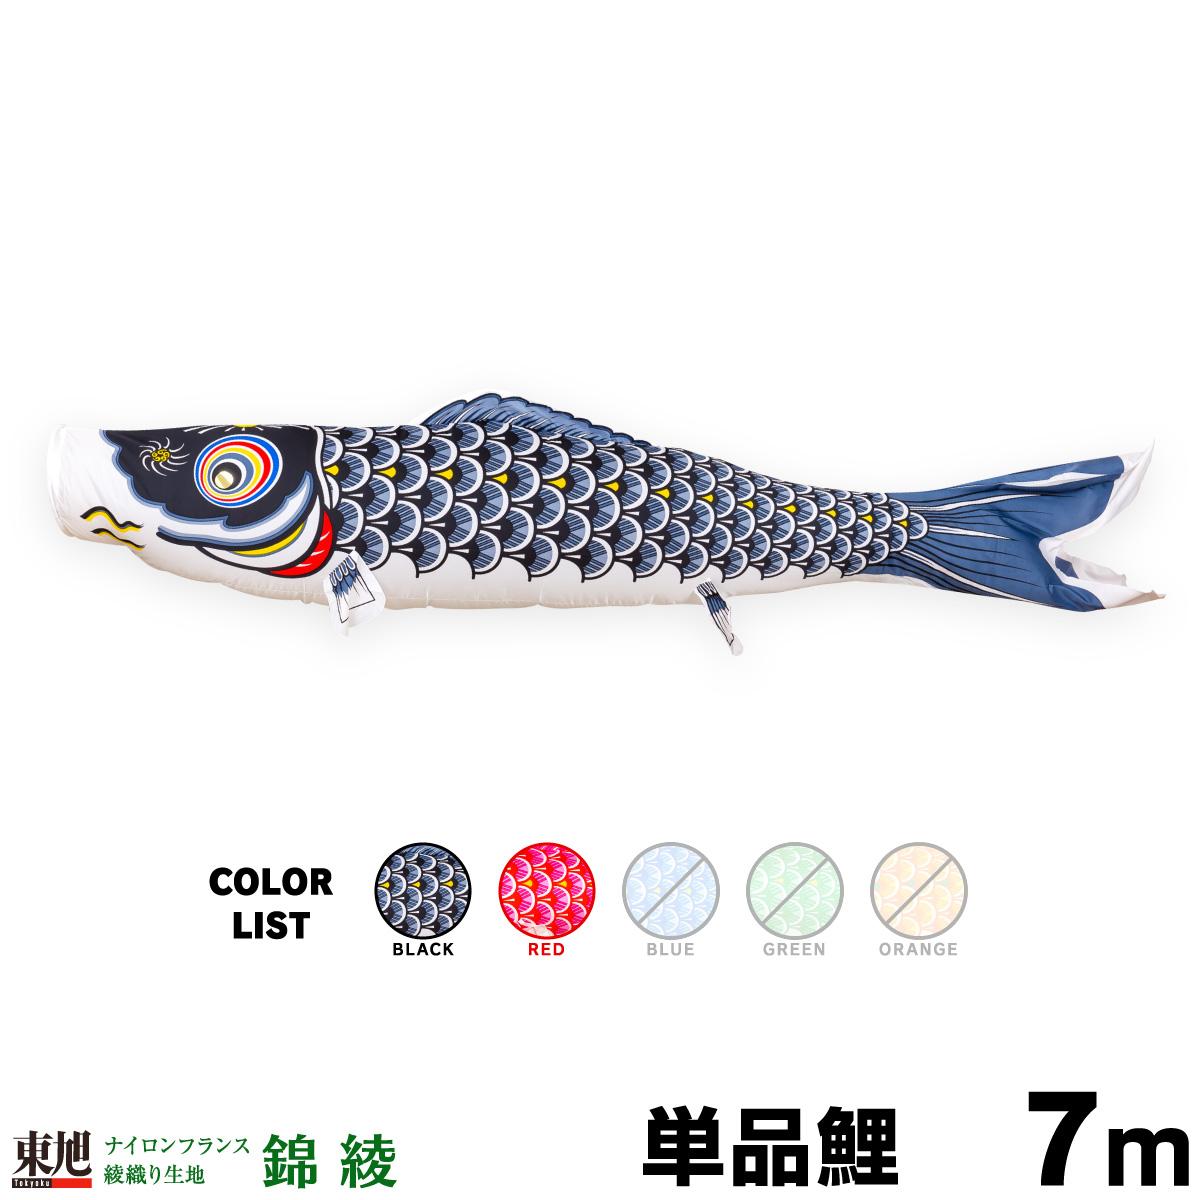 【こいのぼり 単品】 フランス綾織り生地 錦綾 7m 単品鯉